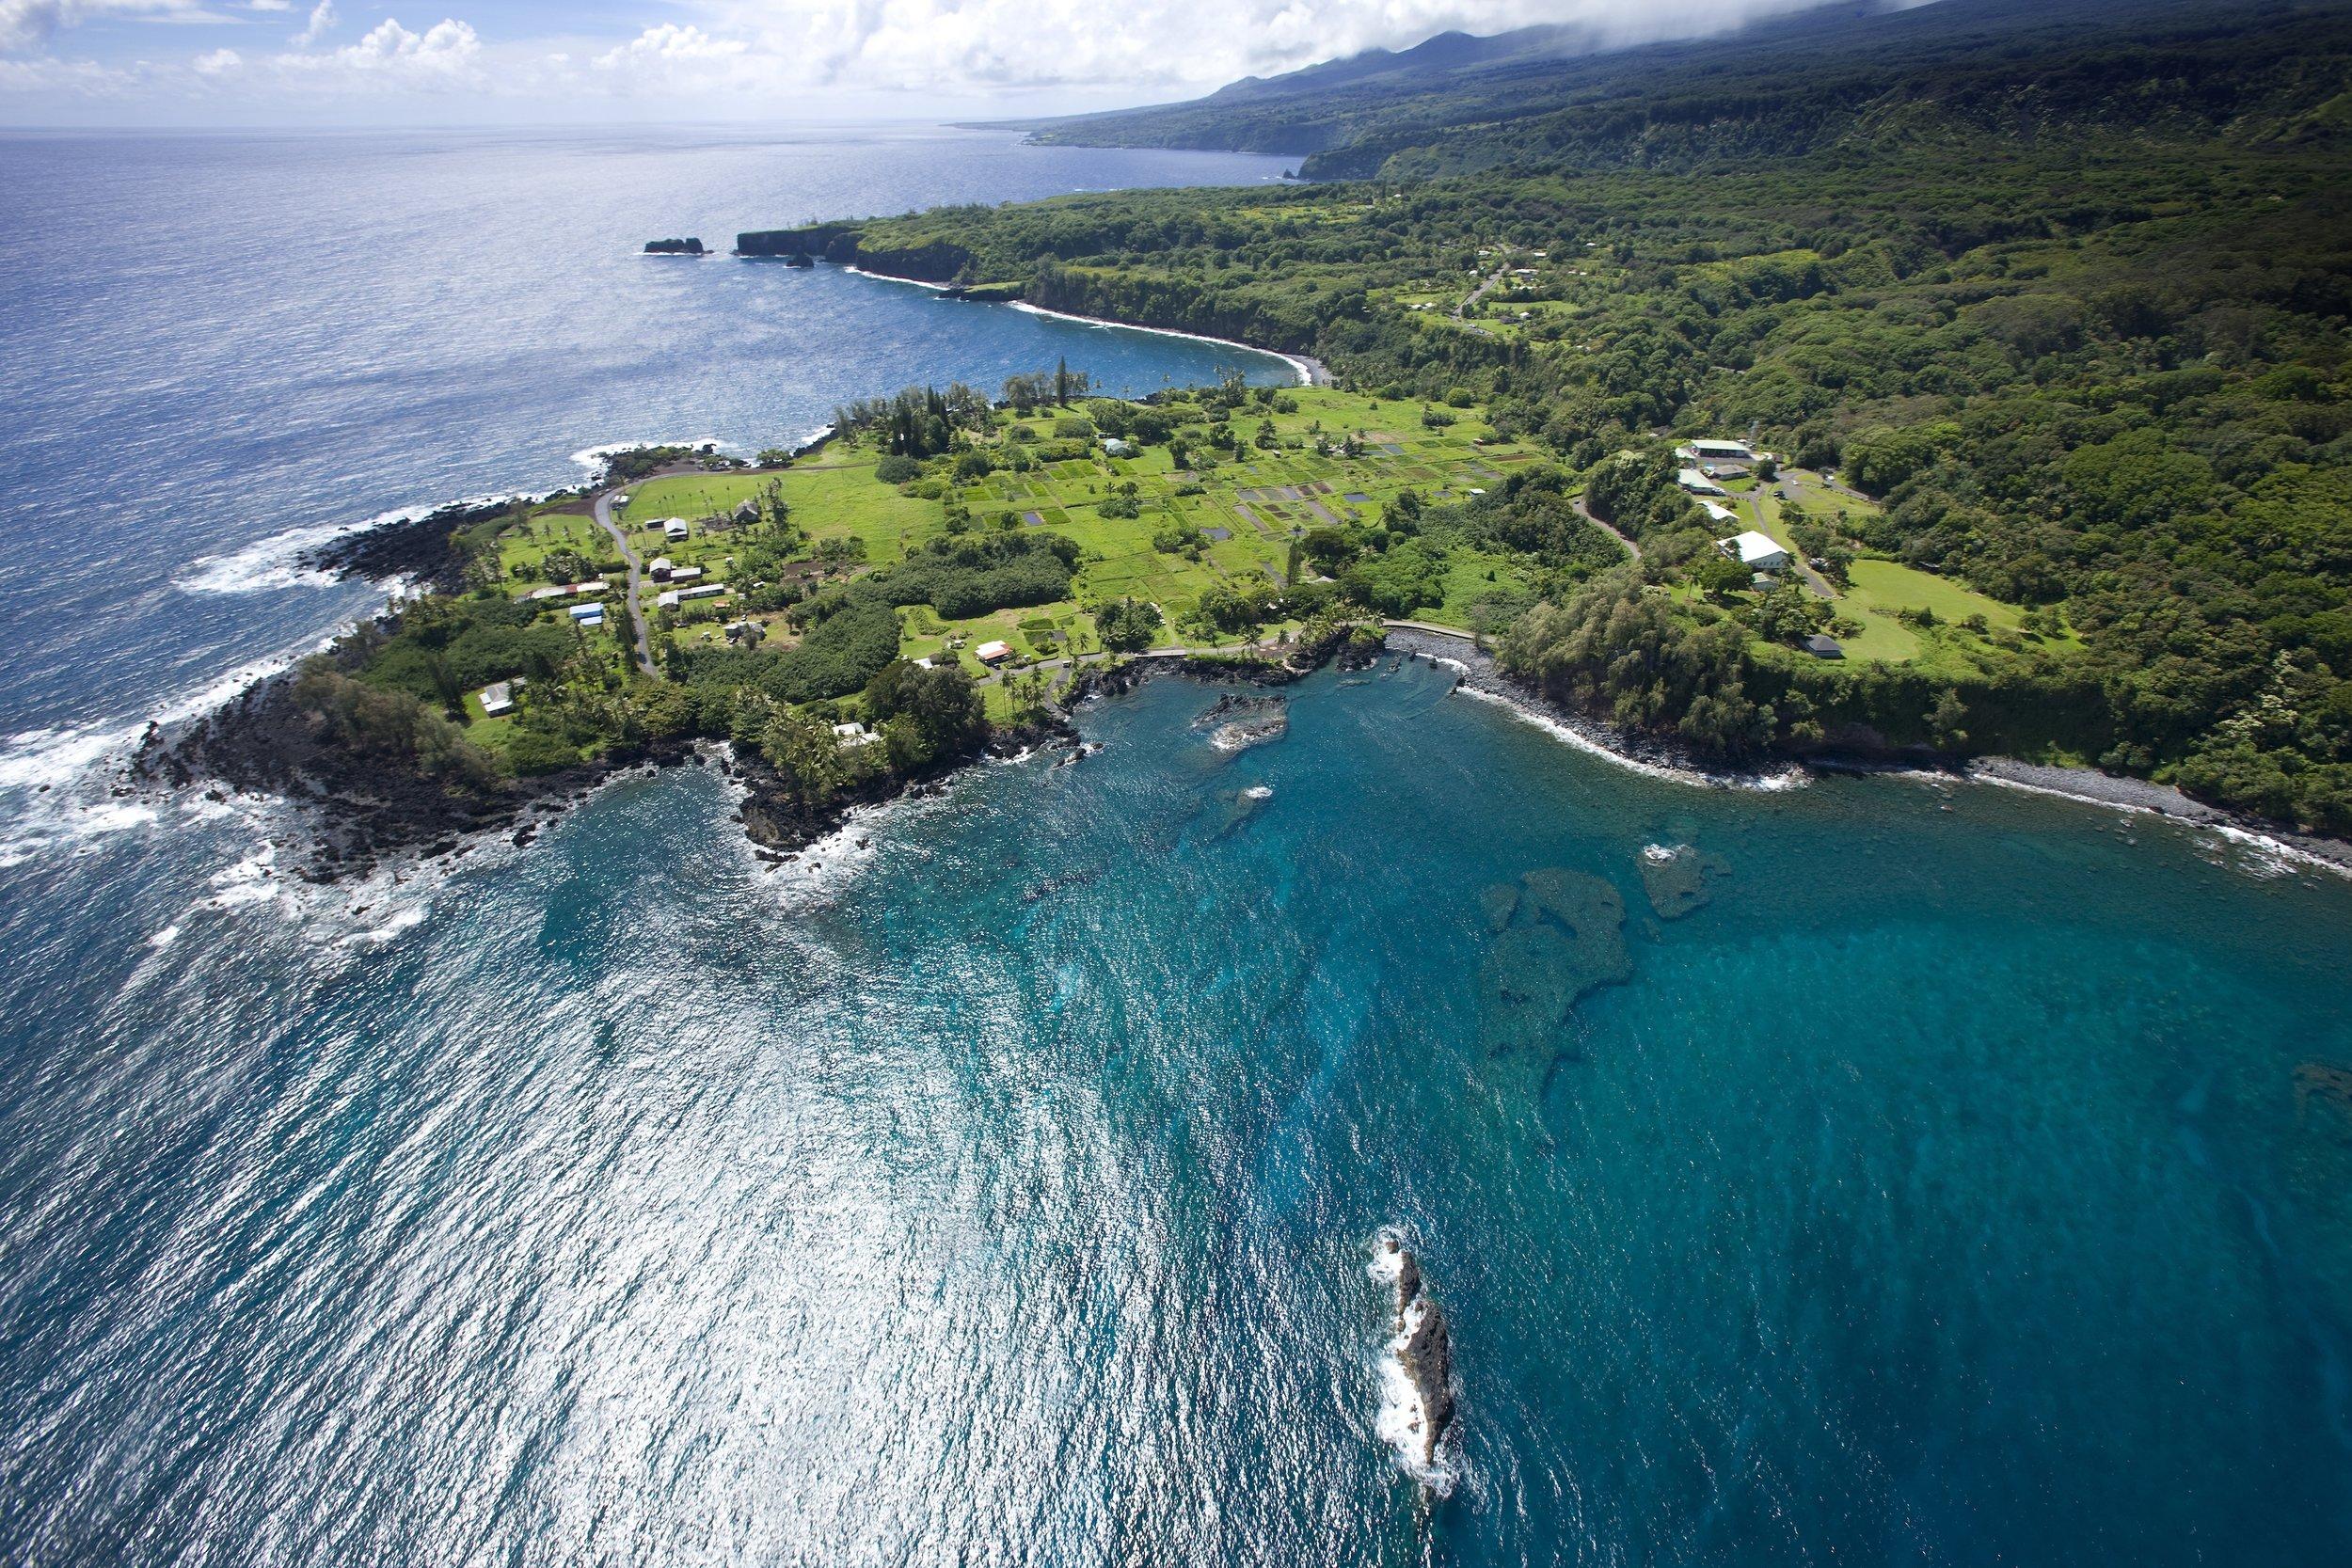 Ke ʻanae, Maui